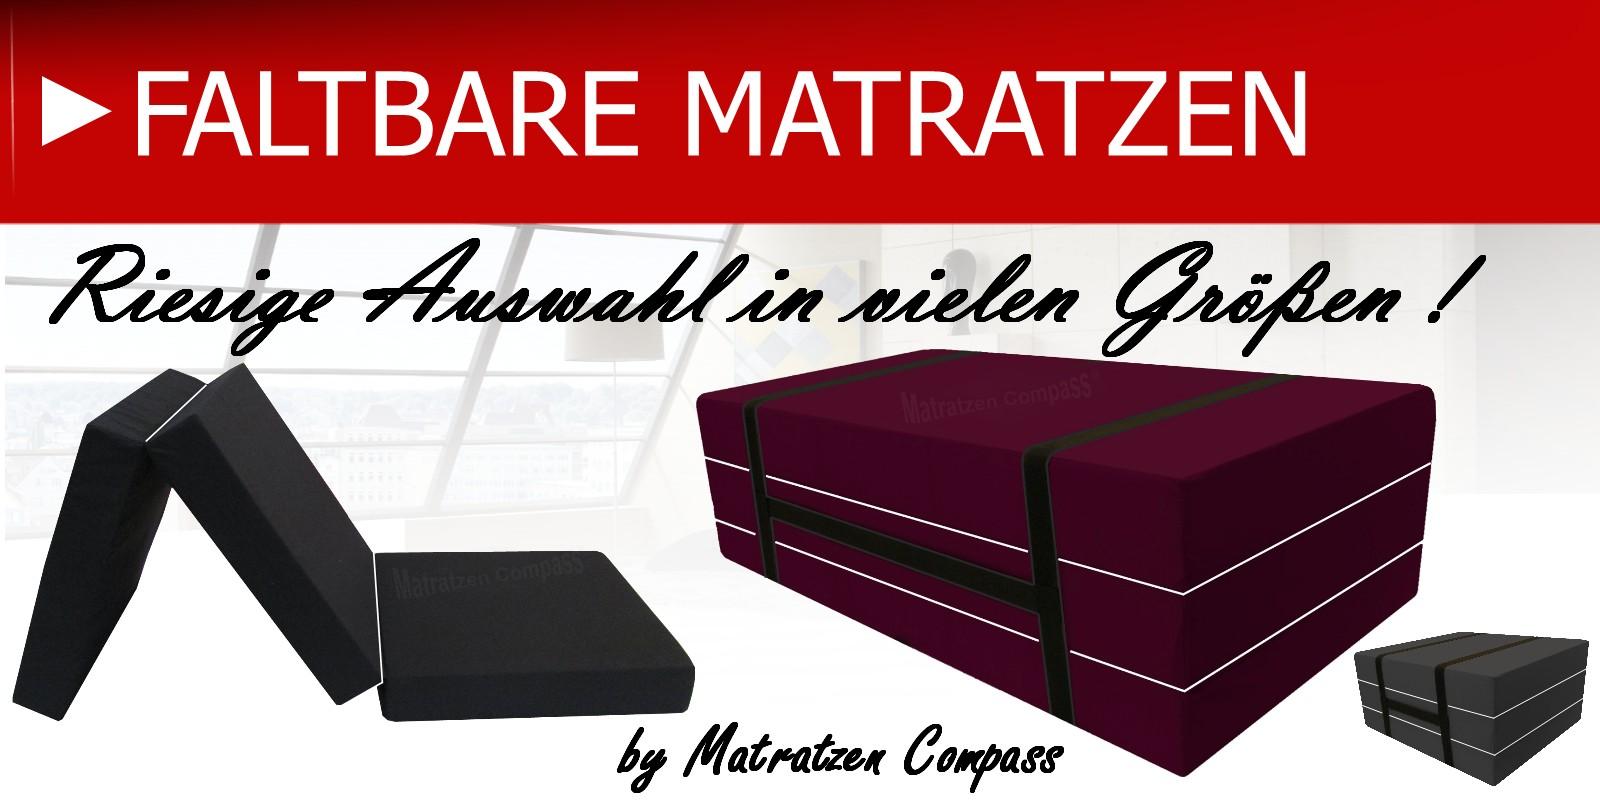 faltbare-Matratzen-Klappmatratzen-Faltmatratzen-Klappbare-Matratzen-Koffermatratzen-gute-Faltmatratzen-gute-Klappmatratzen-Matratzen-CompassAzdkSBIZ5ifpX